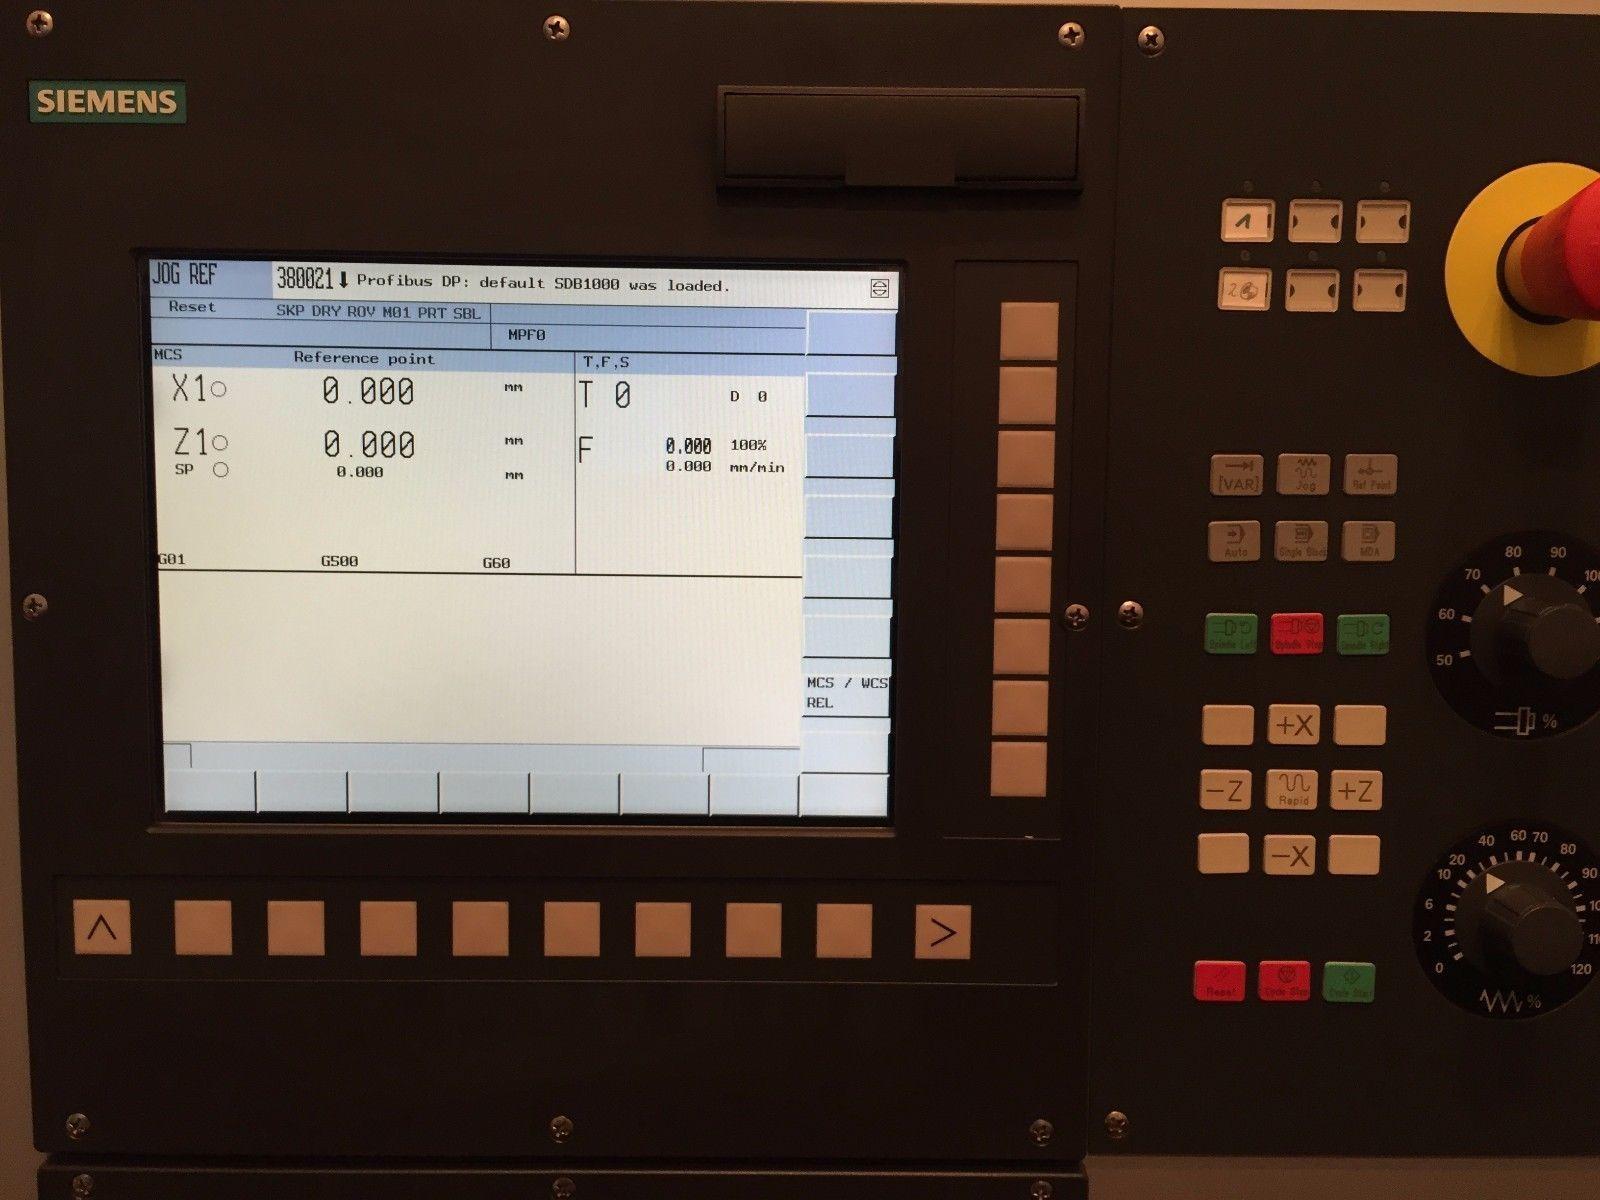 نمای کلی از کنترلر 802 دی شرکت زیمنس آلمان - شرکت نبات